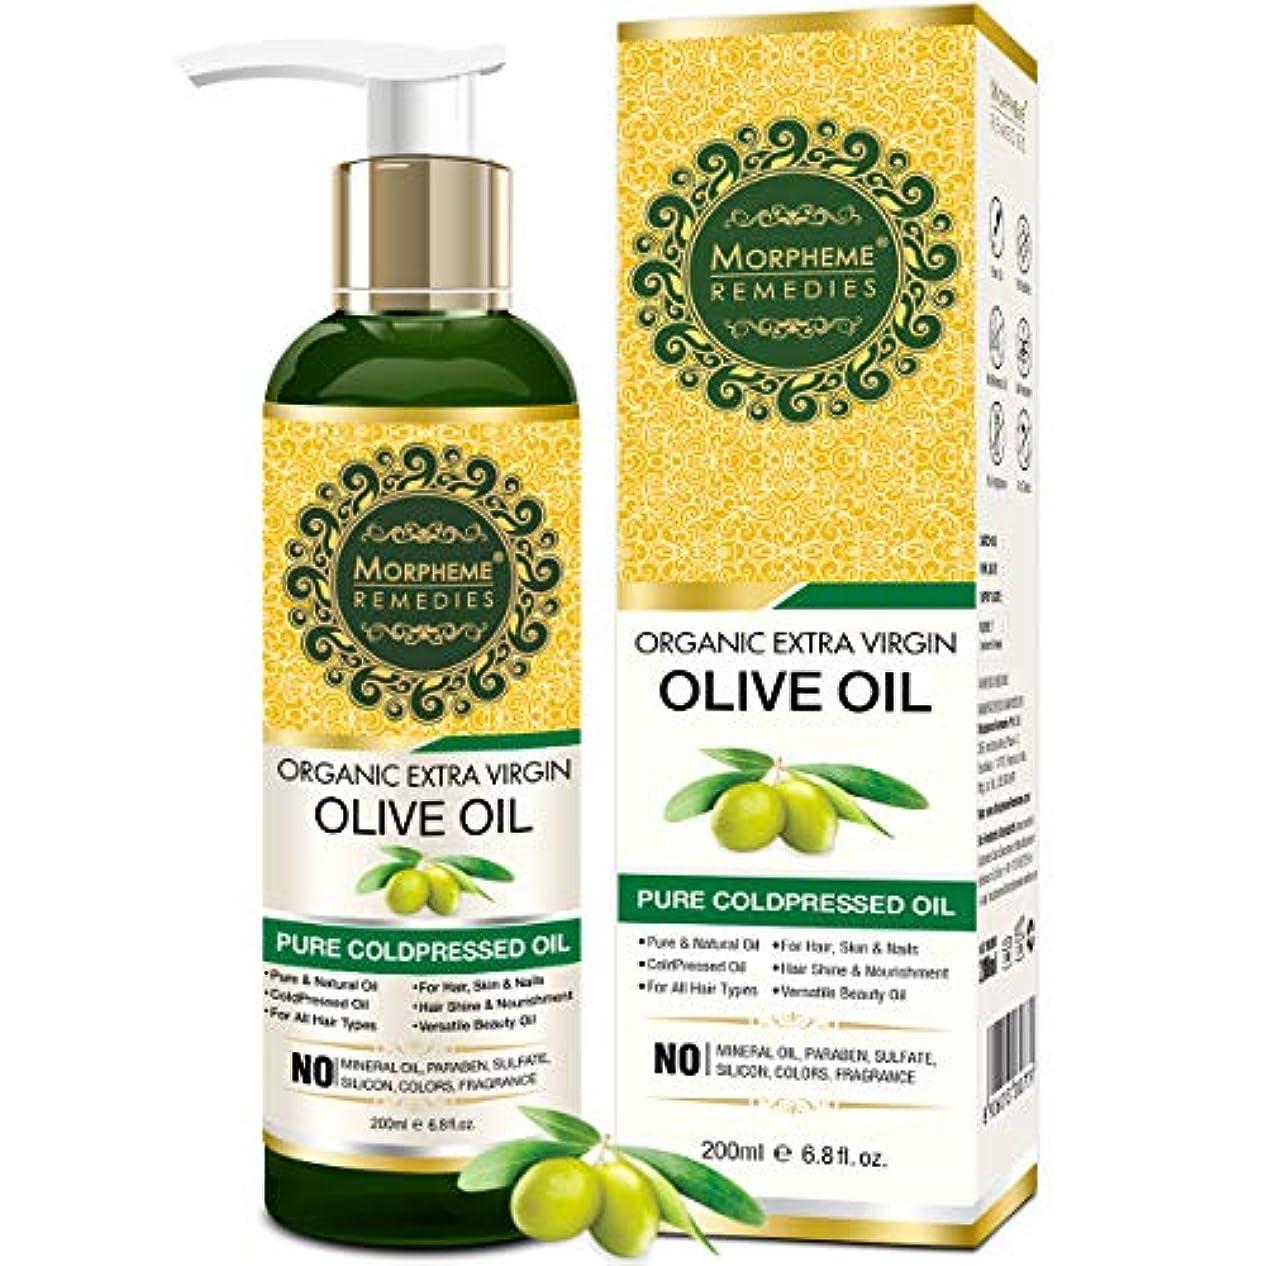 さようならどちらも仕方Morpheme Remedies Organic Extra Virgin Olive Oil (Pure ColdPressed Oil) For Hair, Body, Skin Care, Massage, Eyelashes 200 ml